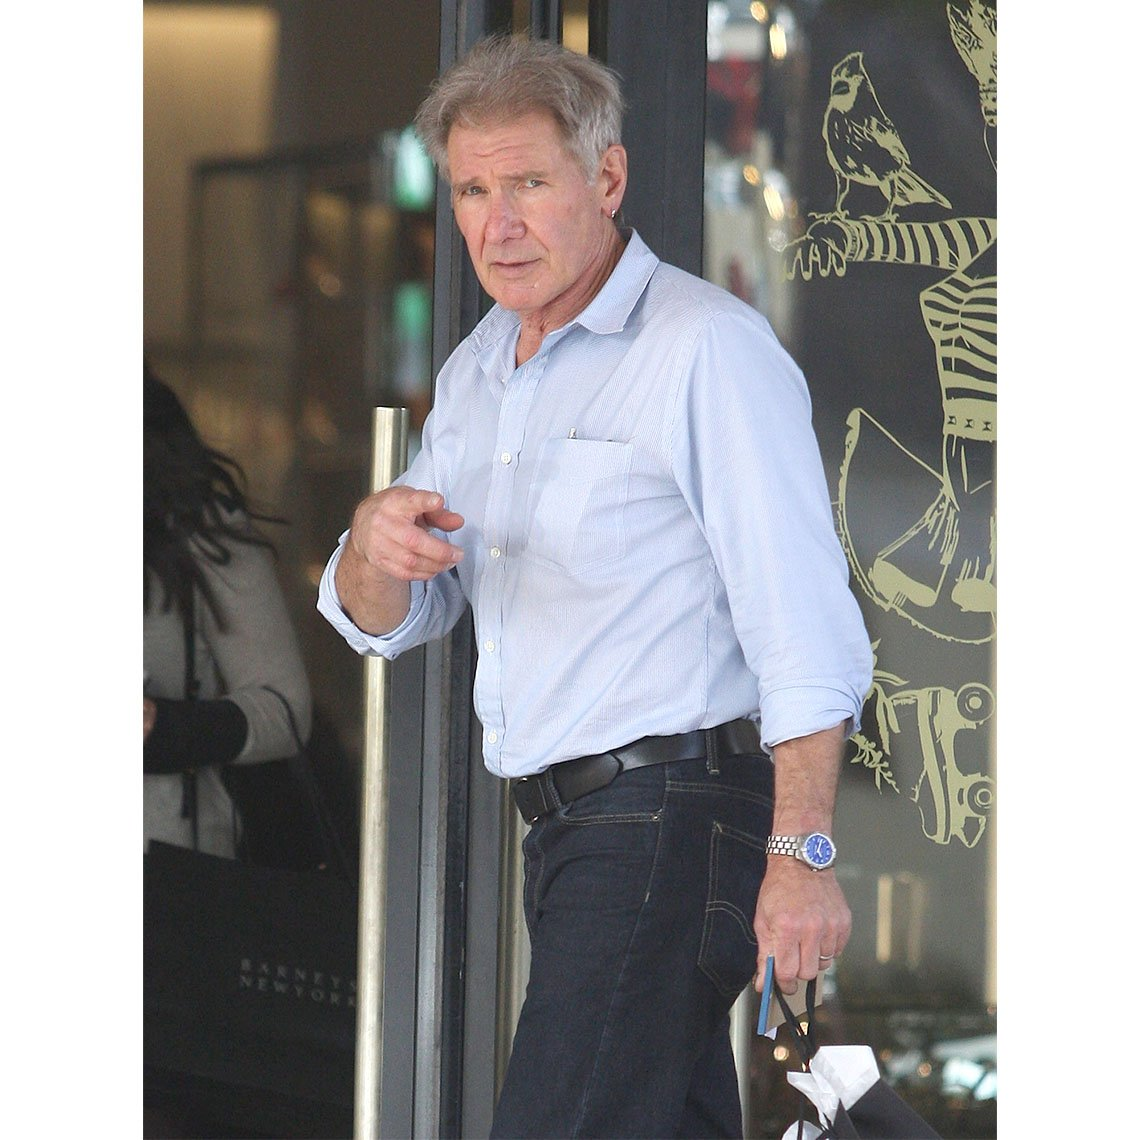 Harrison Ford en Barney's New York on December 17, 2014